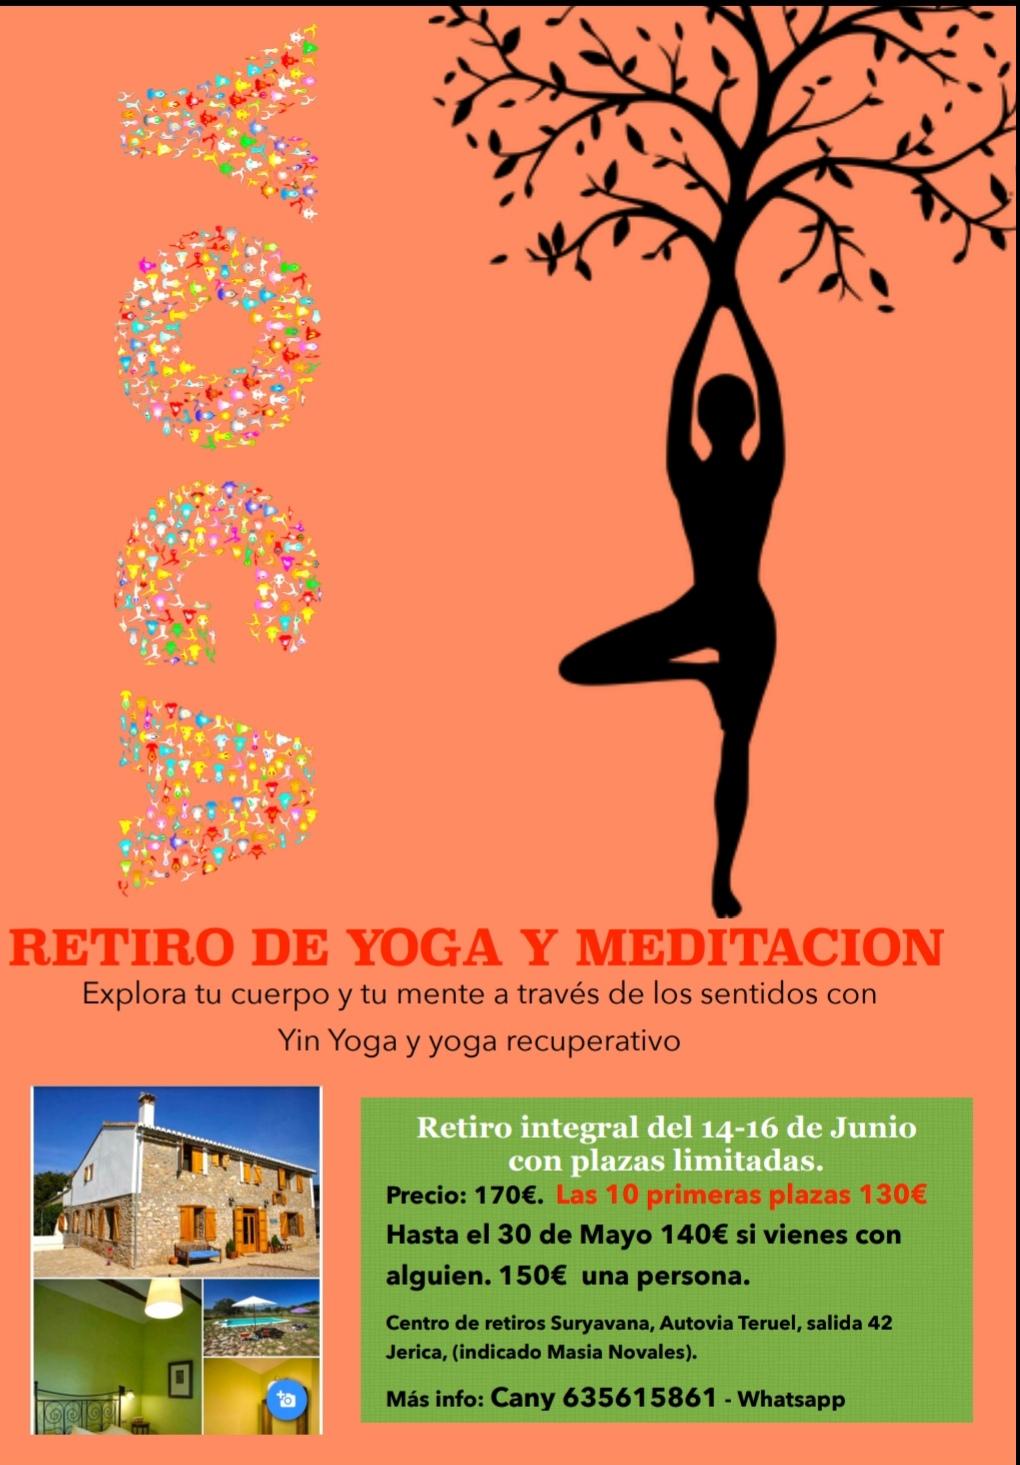 Retiro de Yoga y Meditación